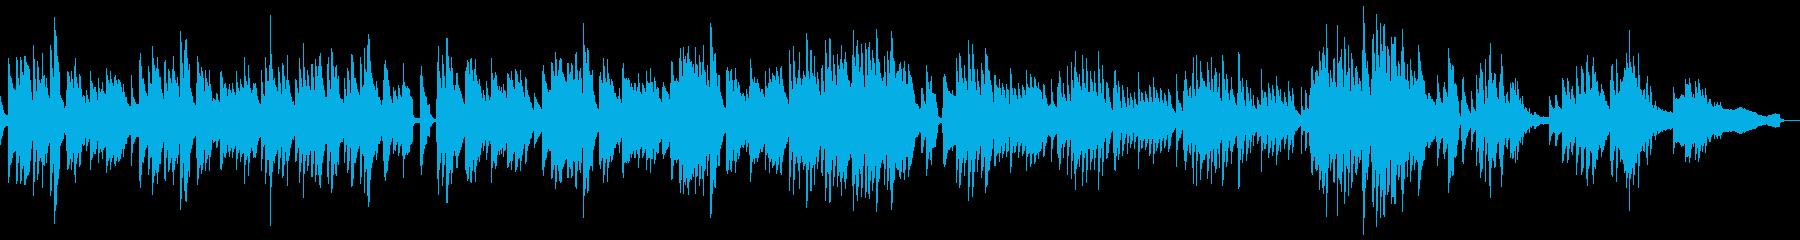 静かで感動的なピアノソロ「大きな古時計」の再生済みの波形